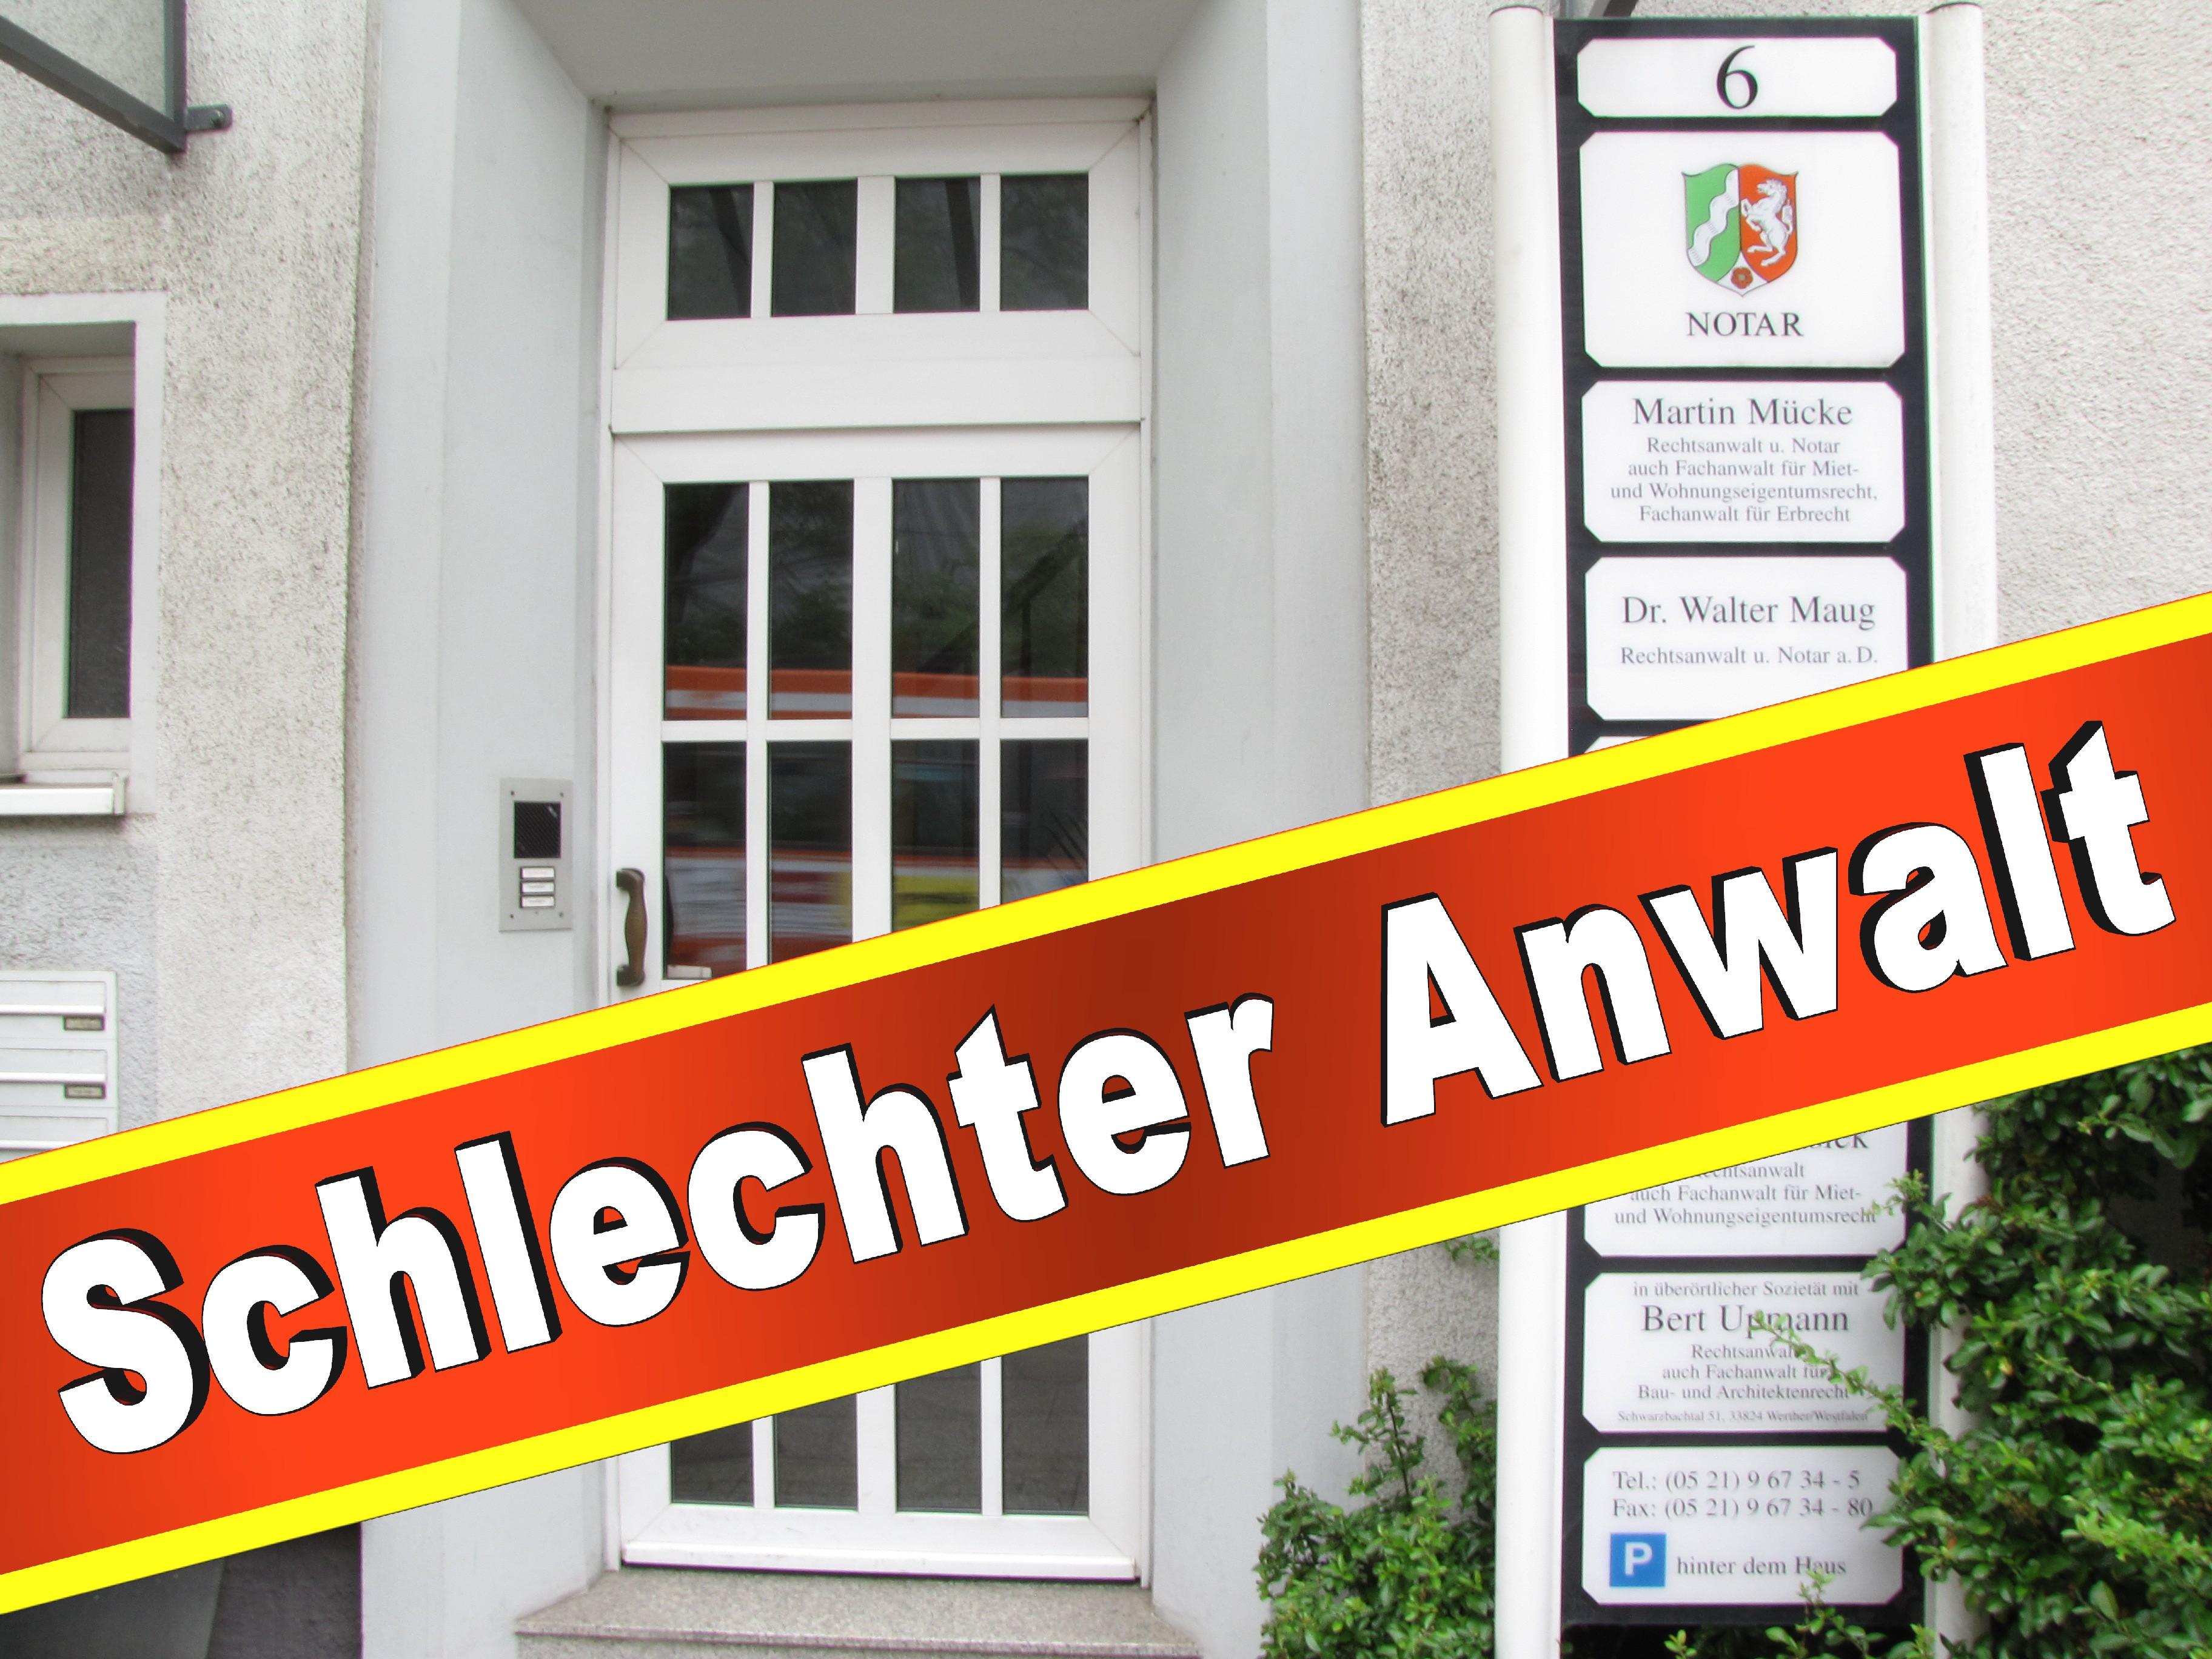 Rechtsanwalt Martin Mücke Bielefeld Maug Und Mücke Kanzlei Rechtsanwaltskanzlei 8 Kopie (3)